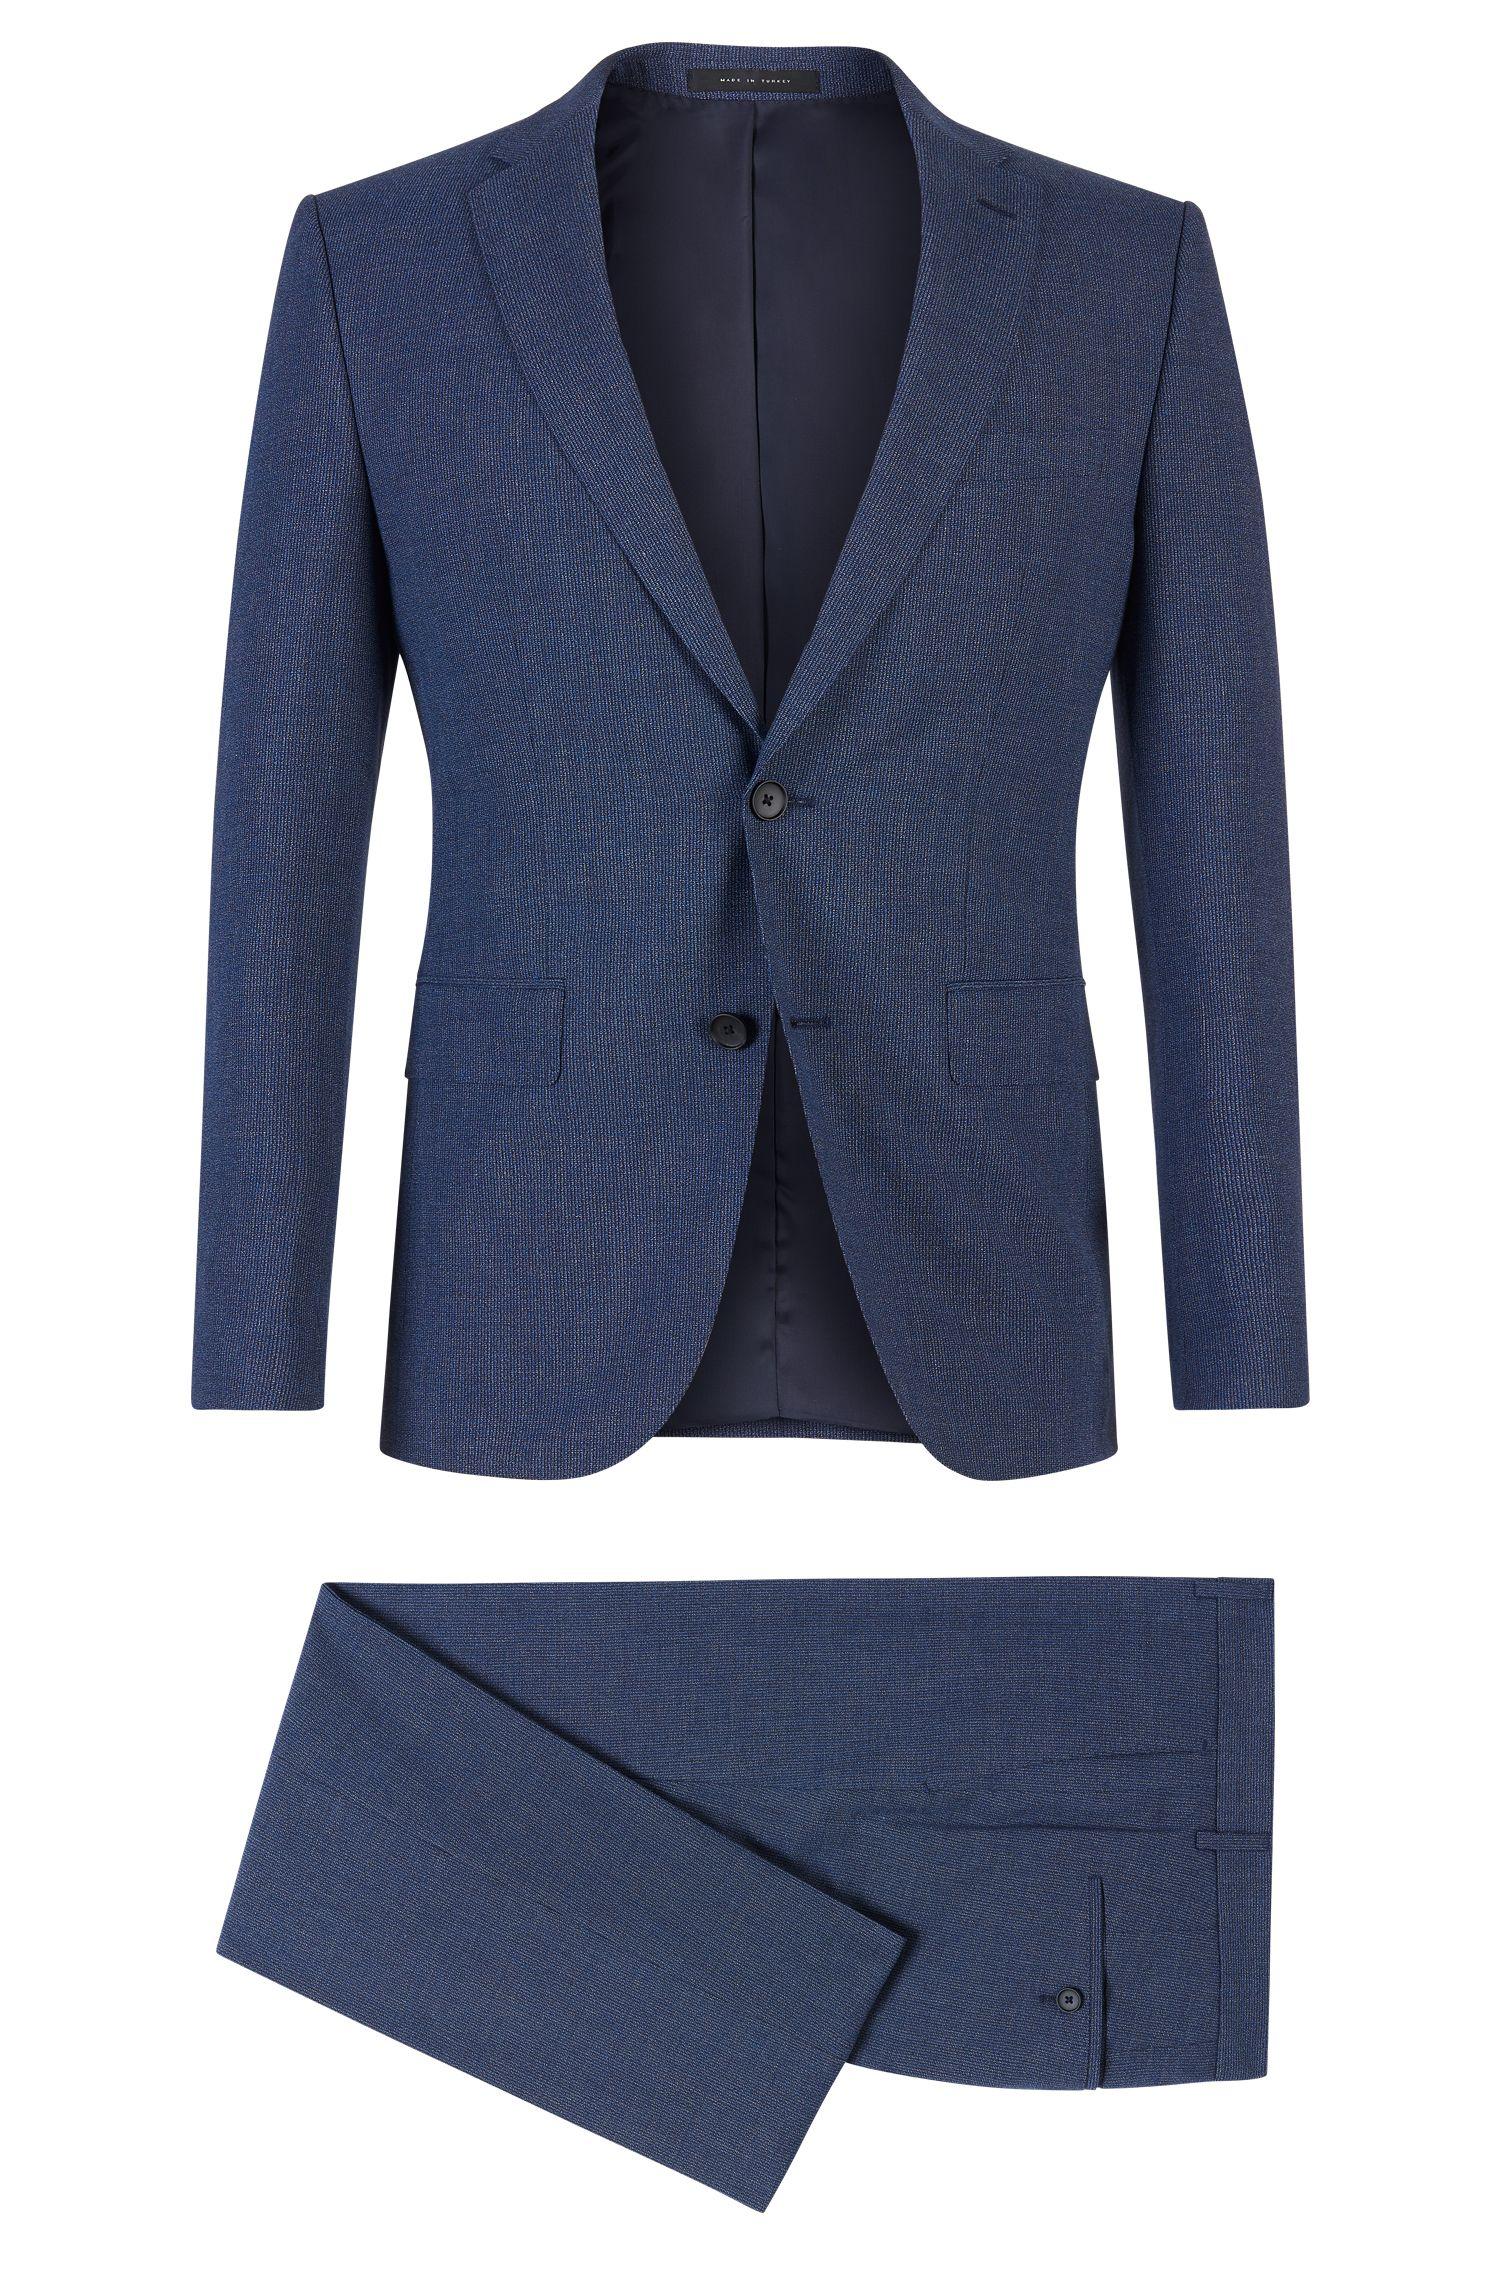 'Novan/Ben' | Slim Fit, Italian Virgin Wool Cotton Blend Suit